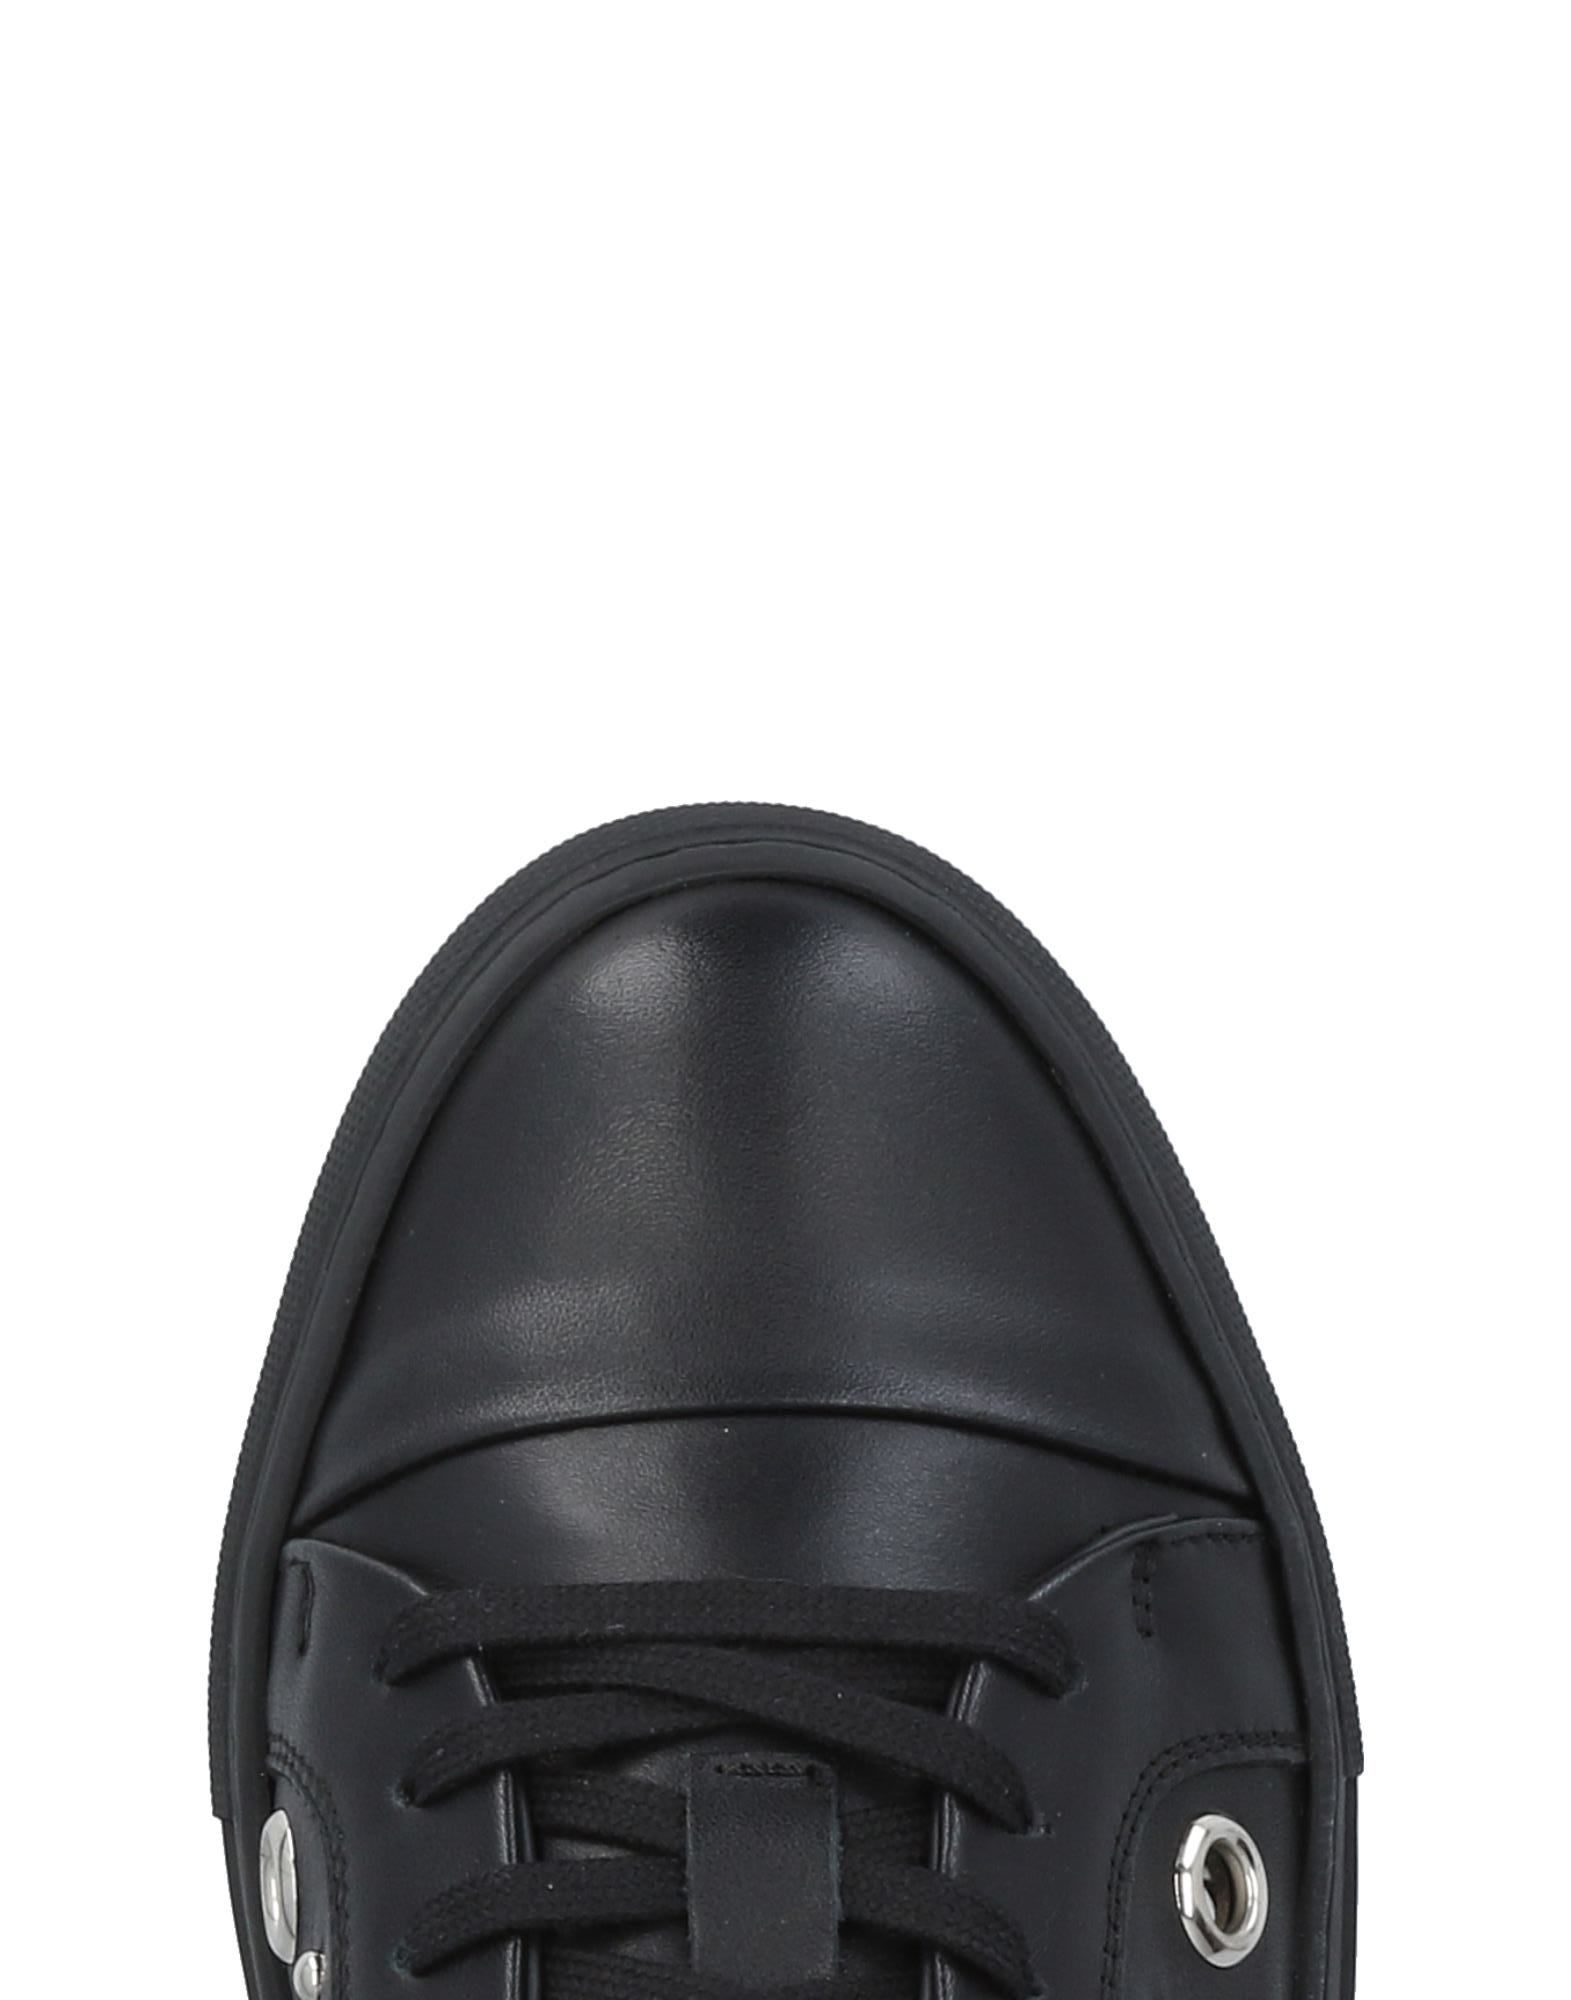 Versus Versace Sneakers Herren  11473960CT 11473960CT 11473960CT Neue Schuhe 0af602